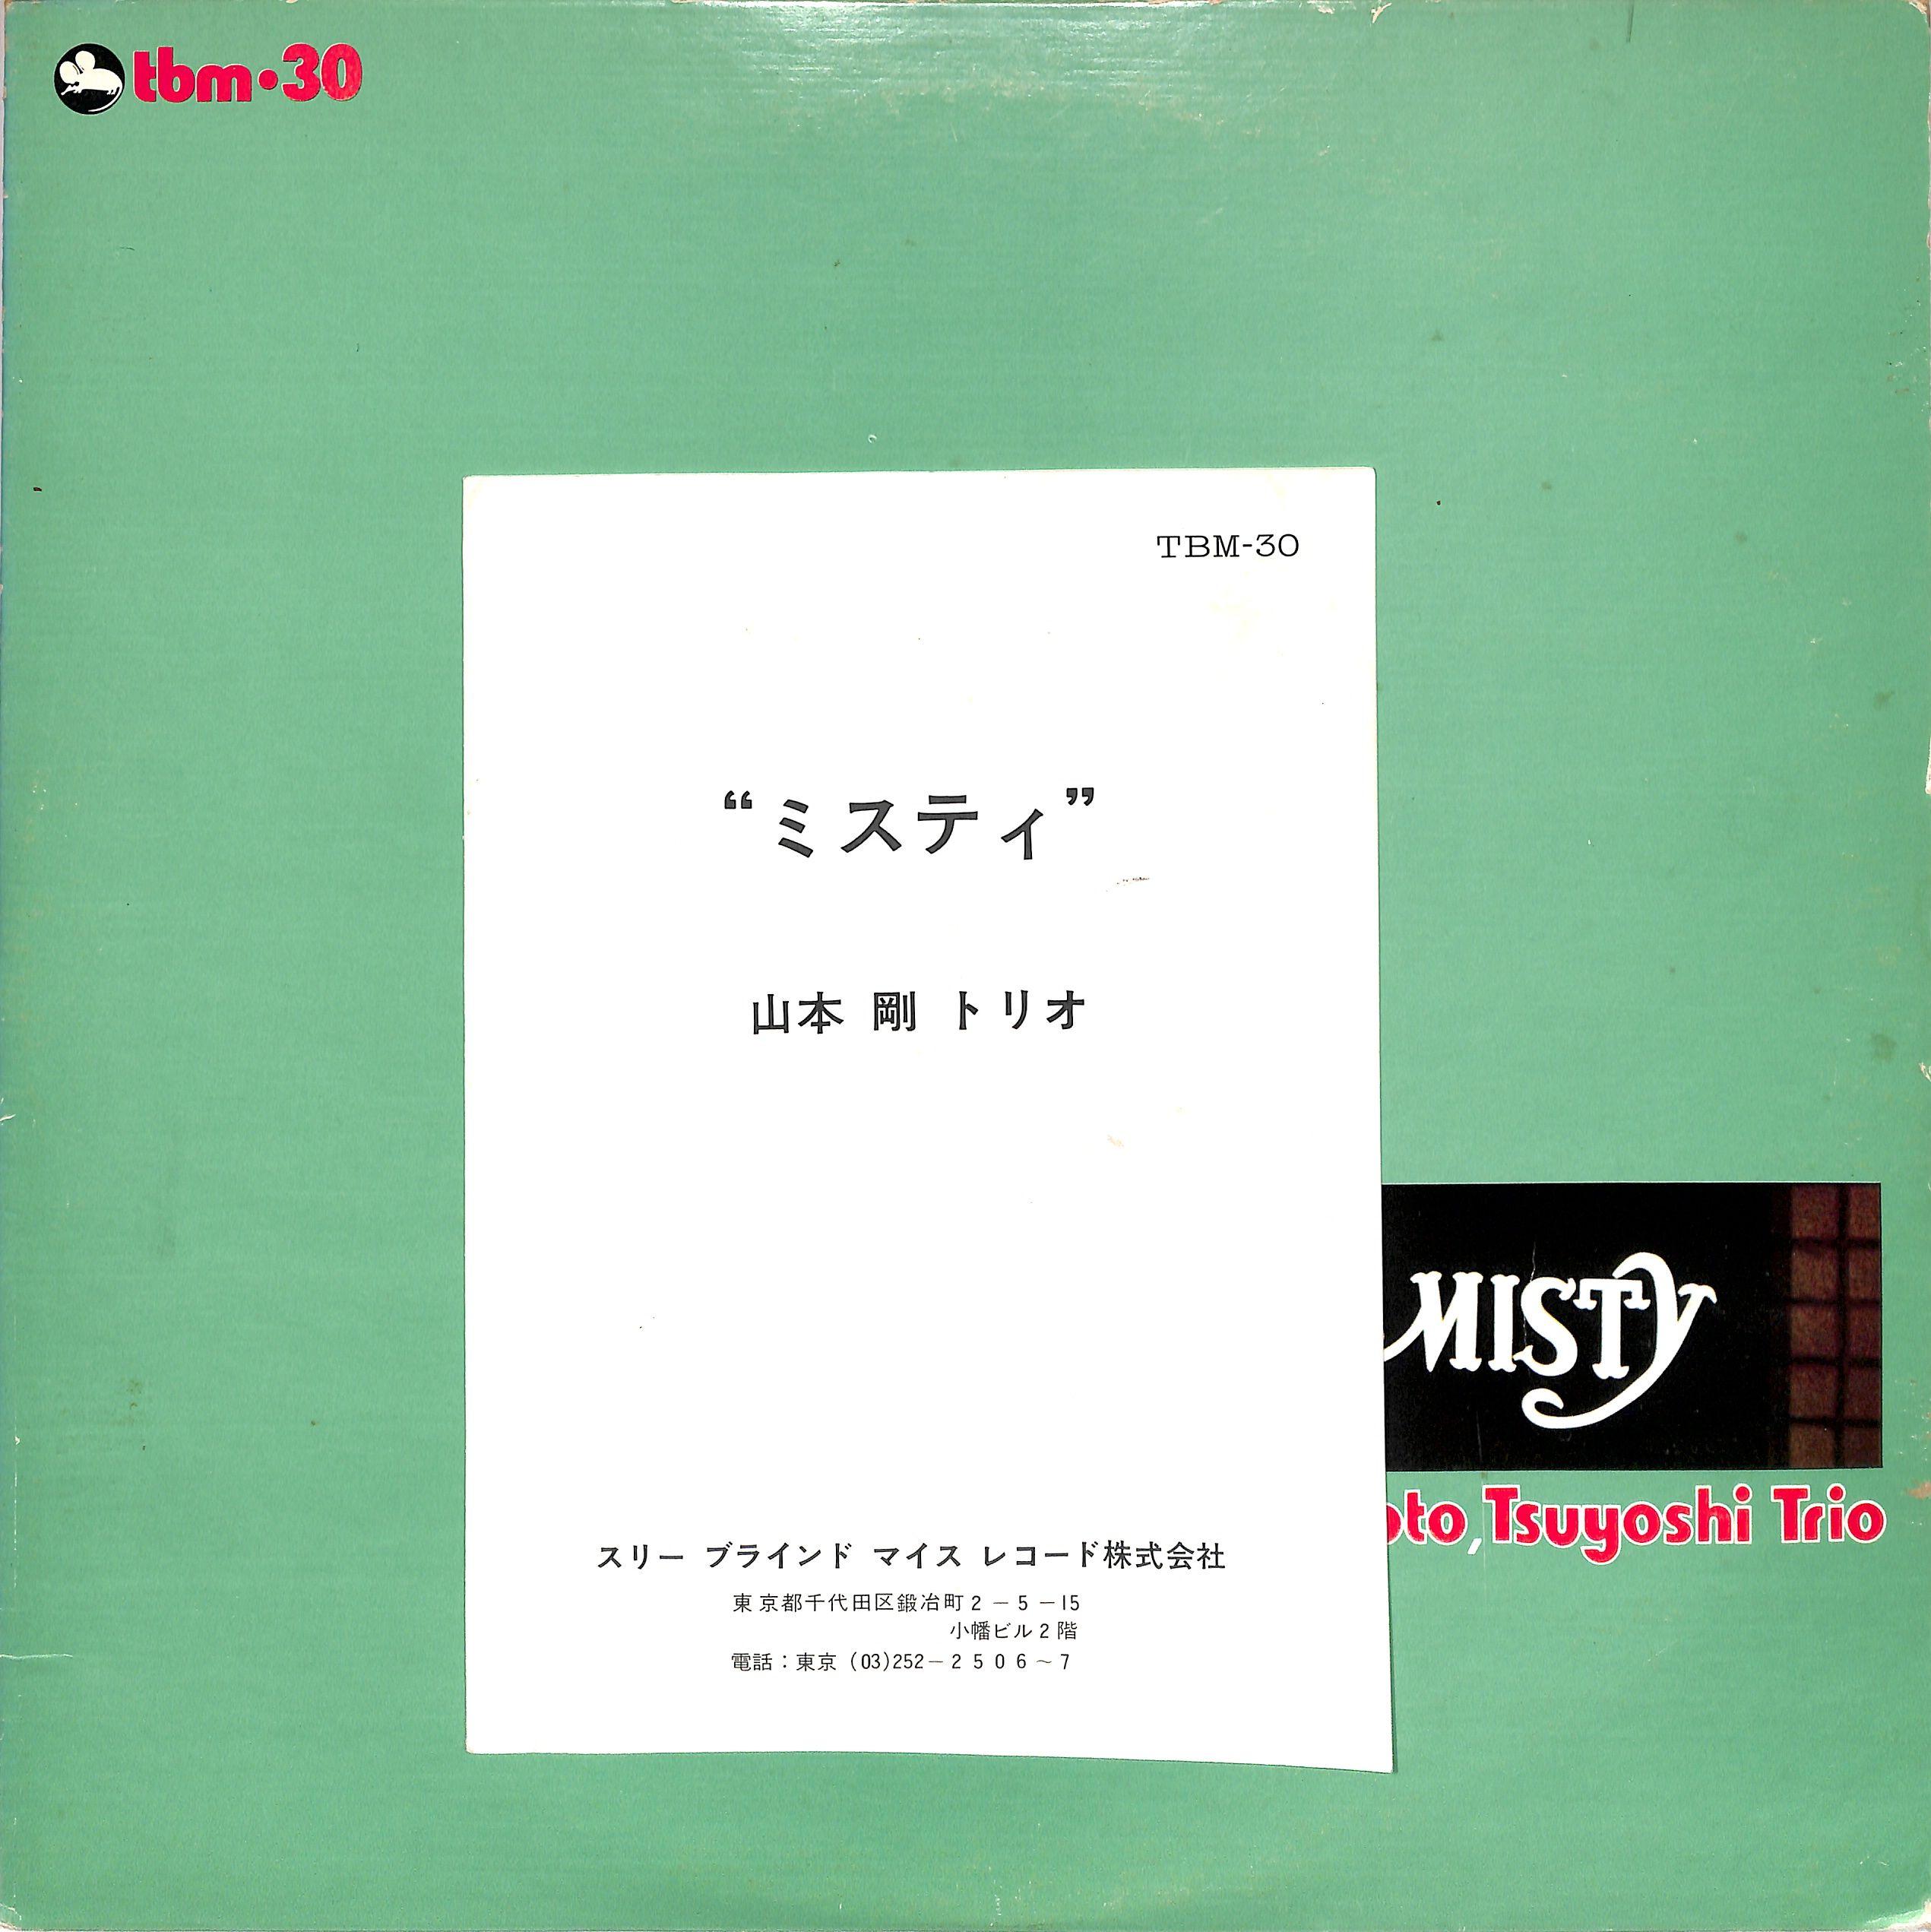 https://p1-e6eeae93.imageflux.jp/booksch/5679ea5a6c5502f73e48.jpg